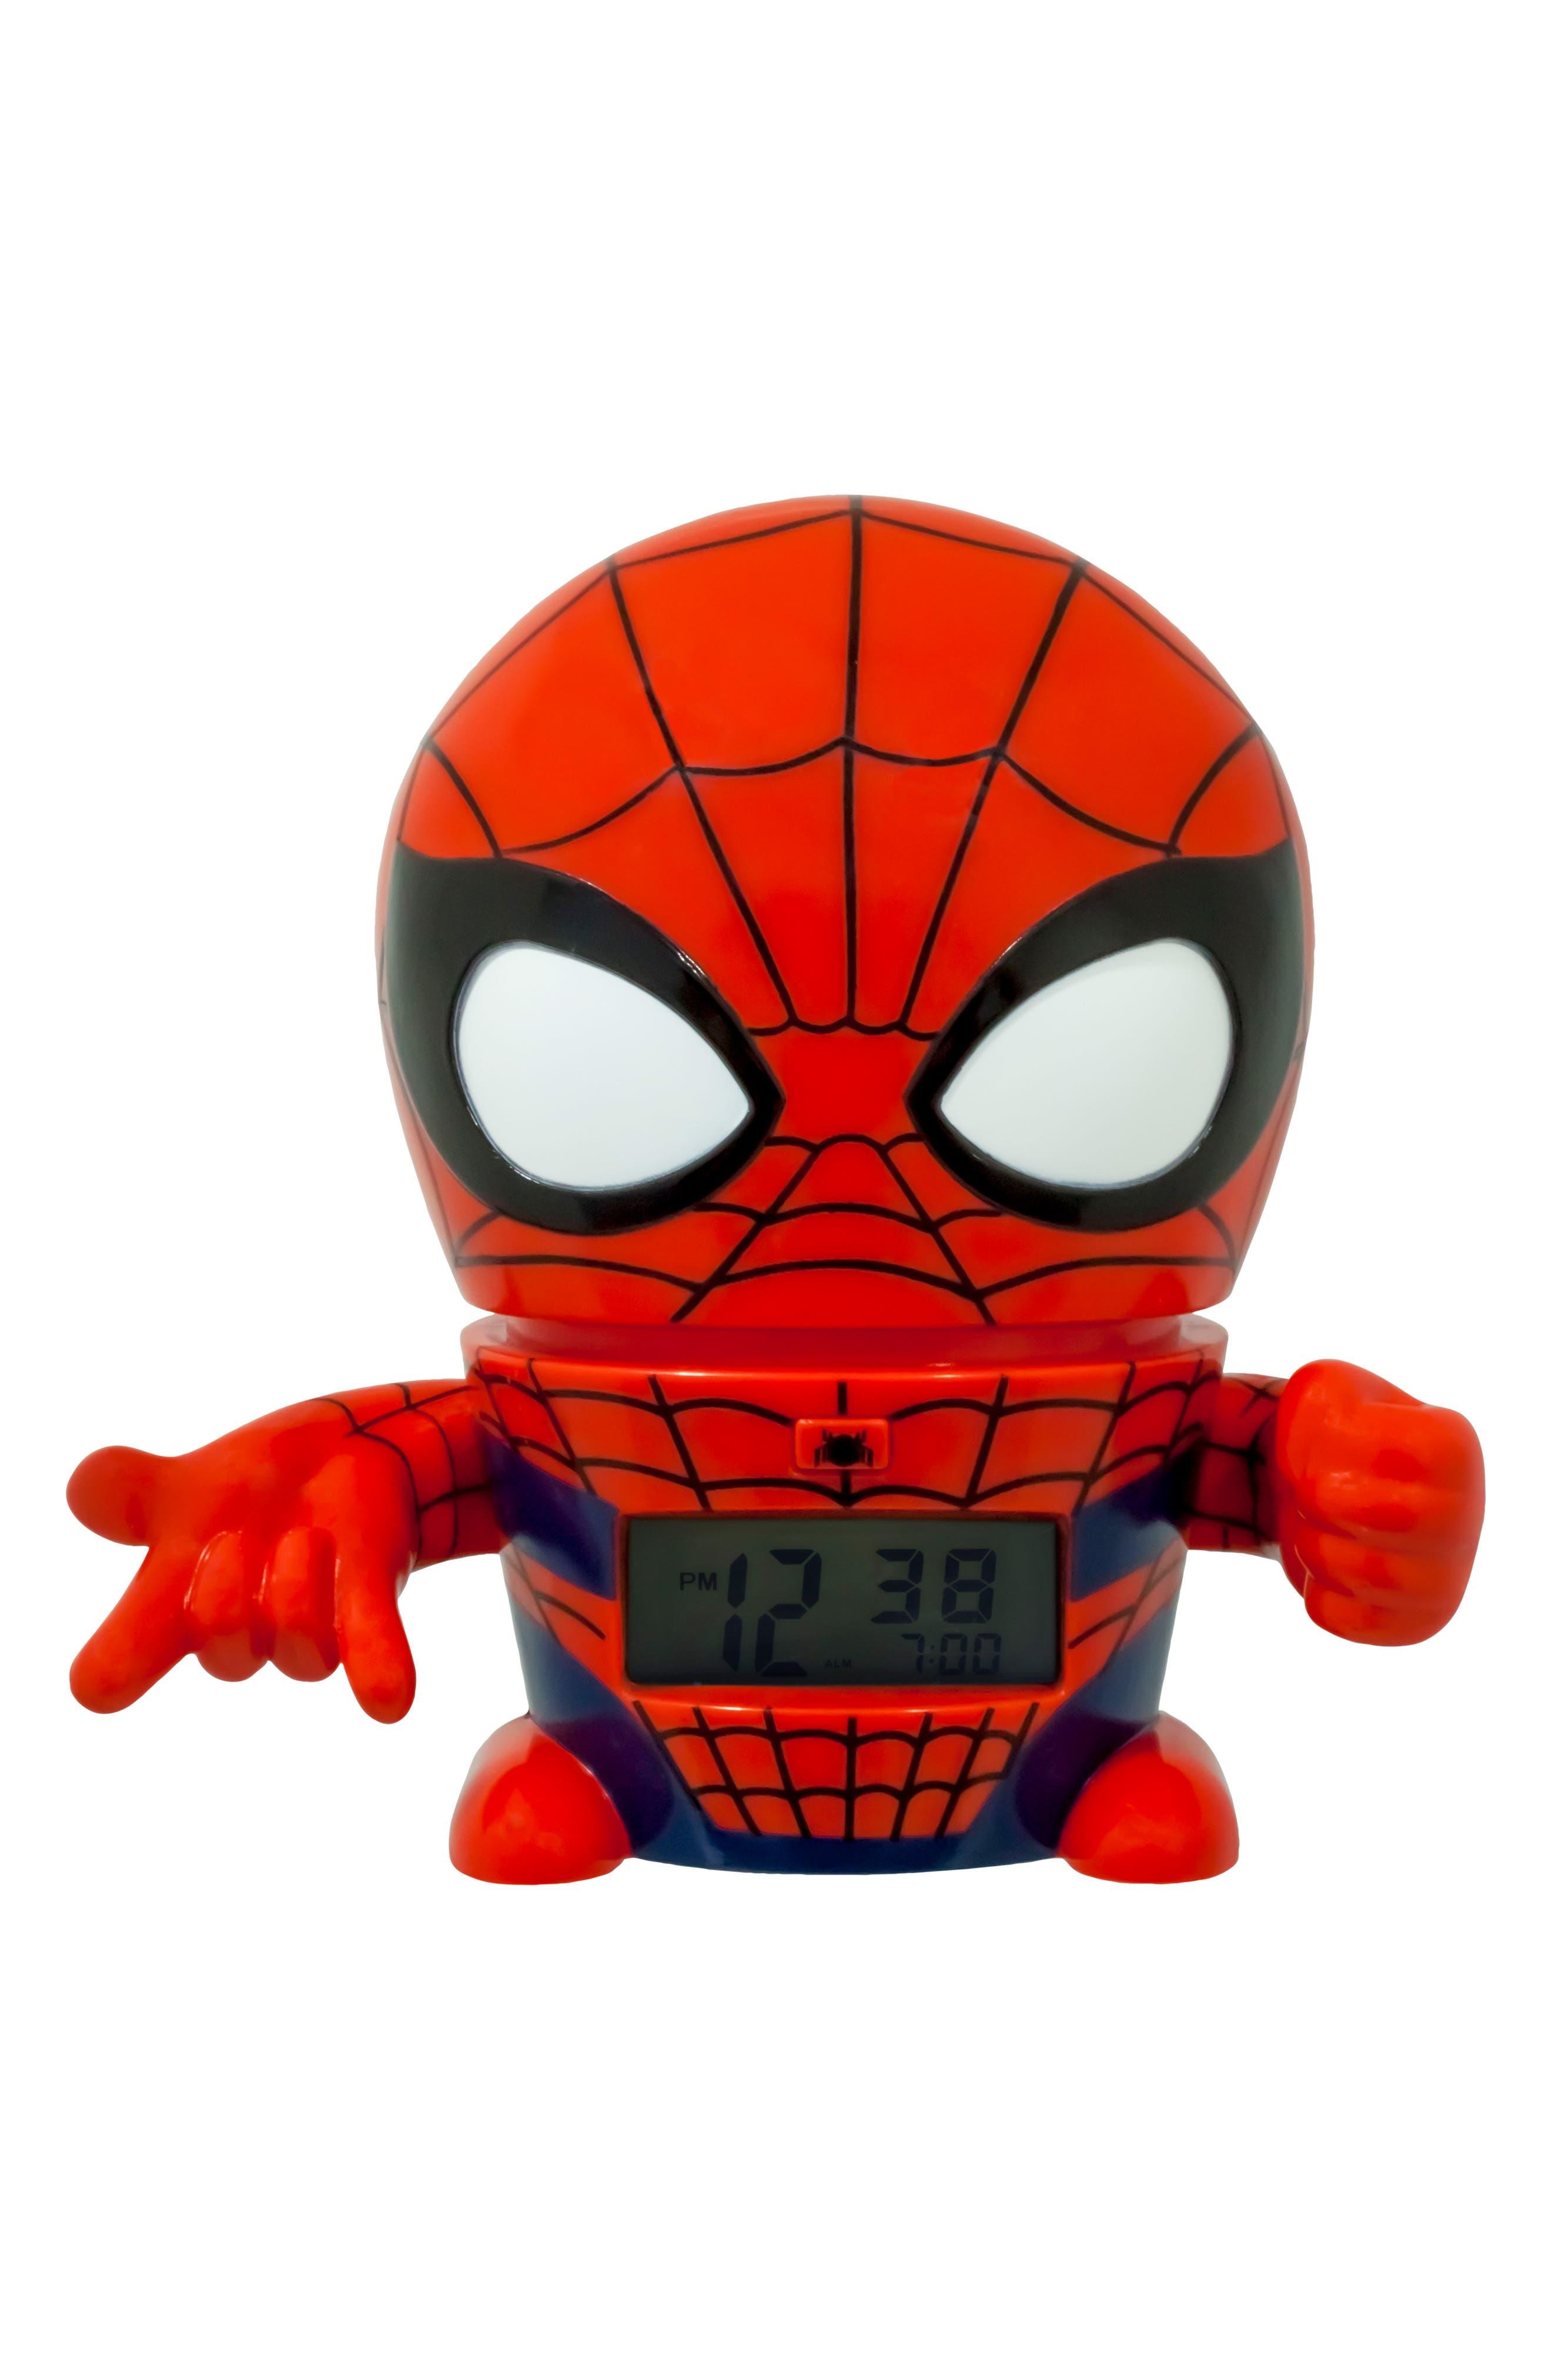 Bulb Botz Marvel Spider-Man Night-Light/Alarm Clock